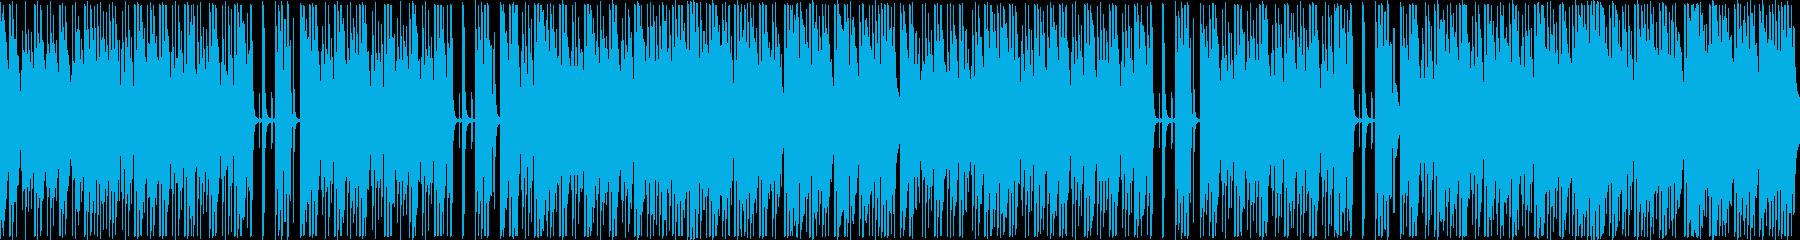 日常系・ゆるやかな午後を思わせるBGMの再生済みの波形